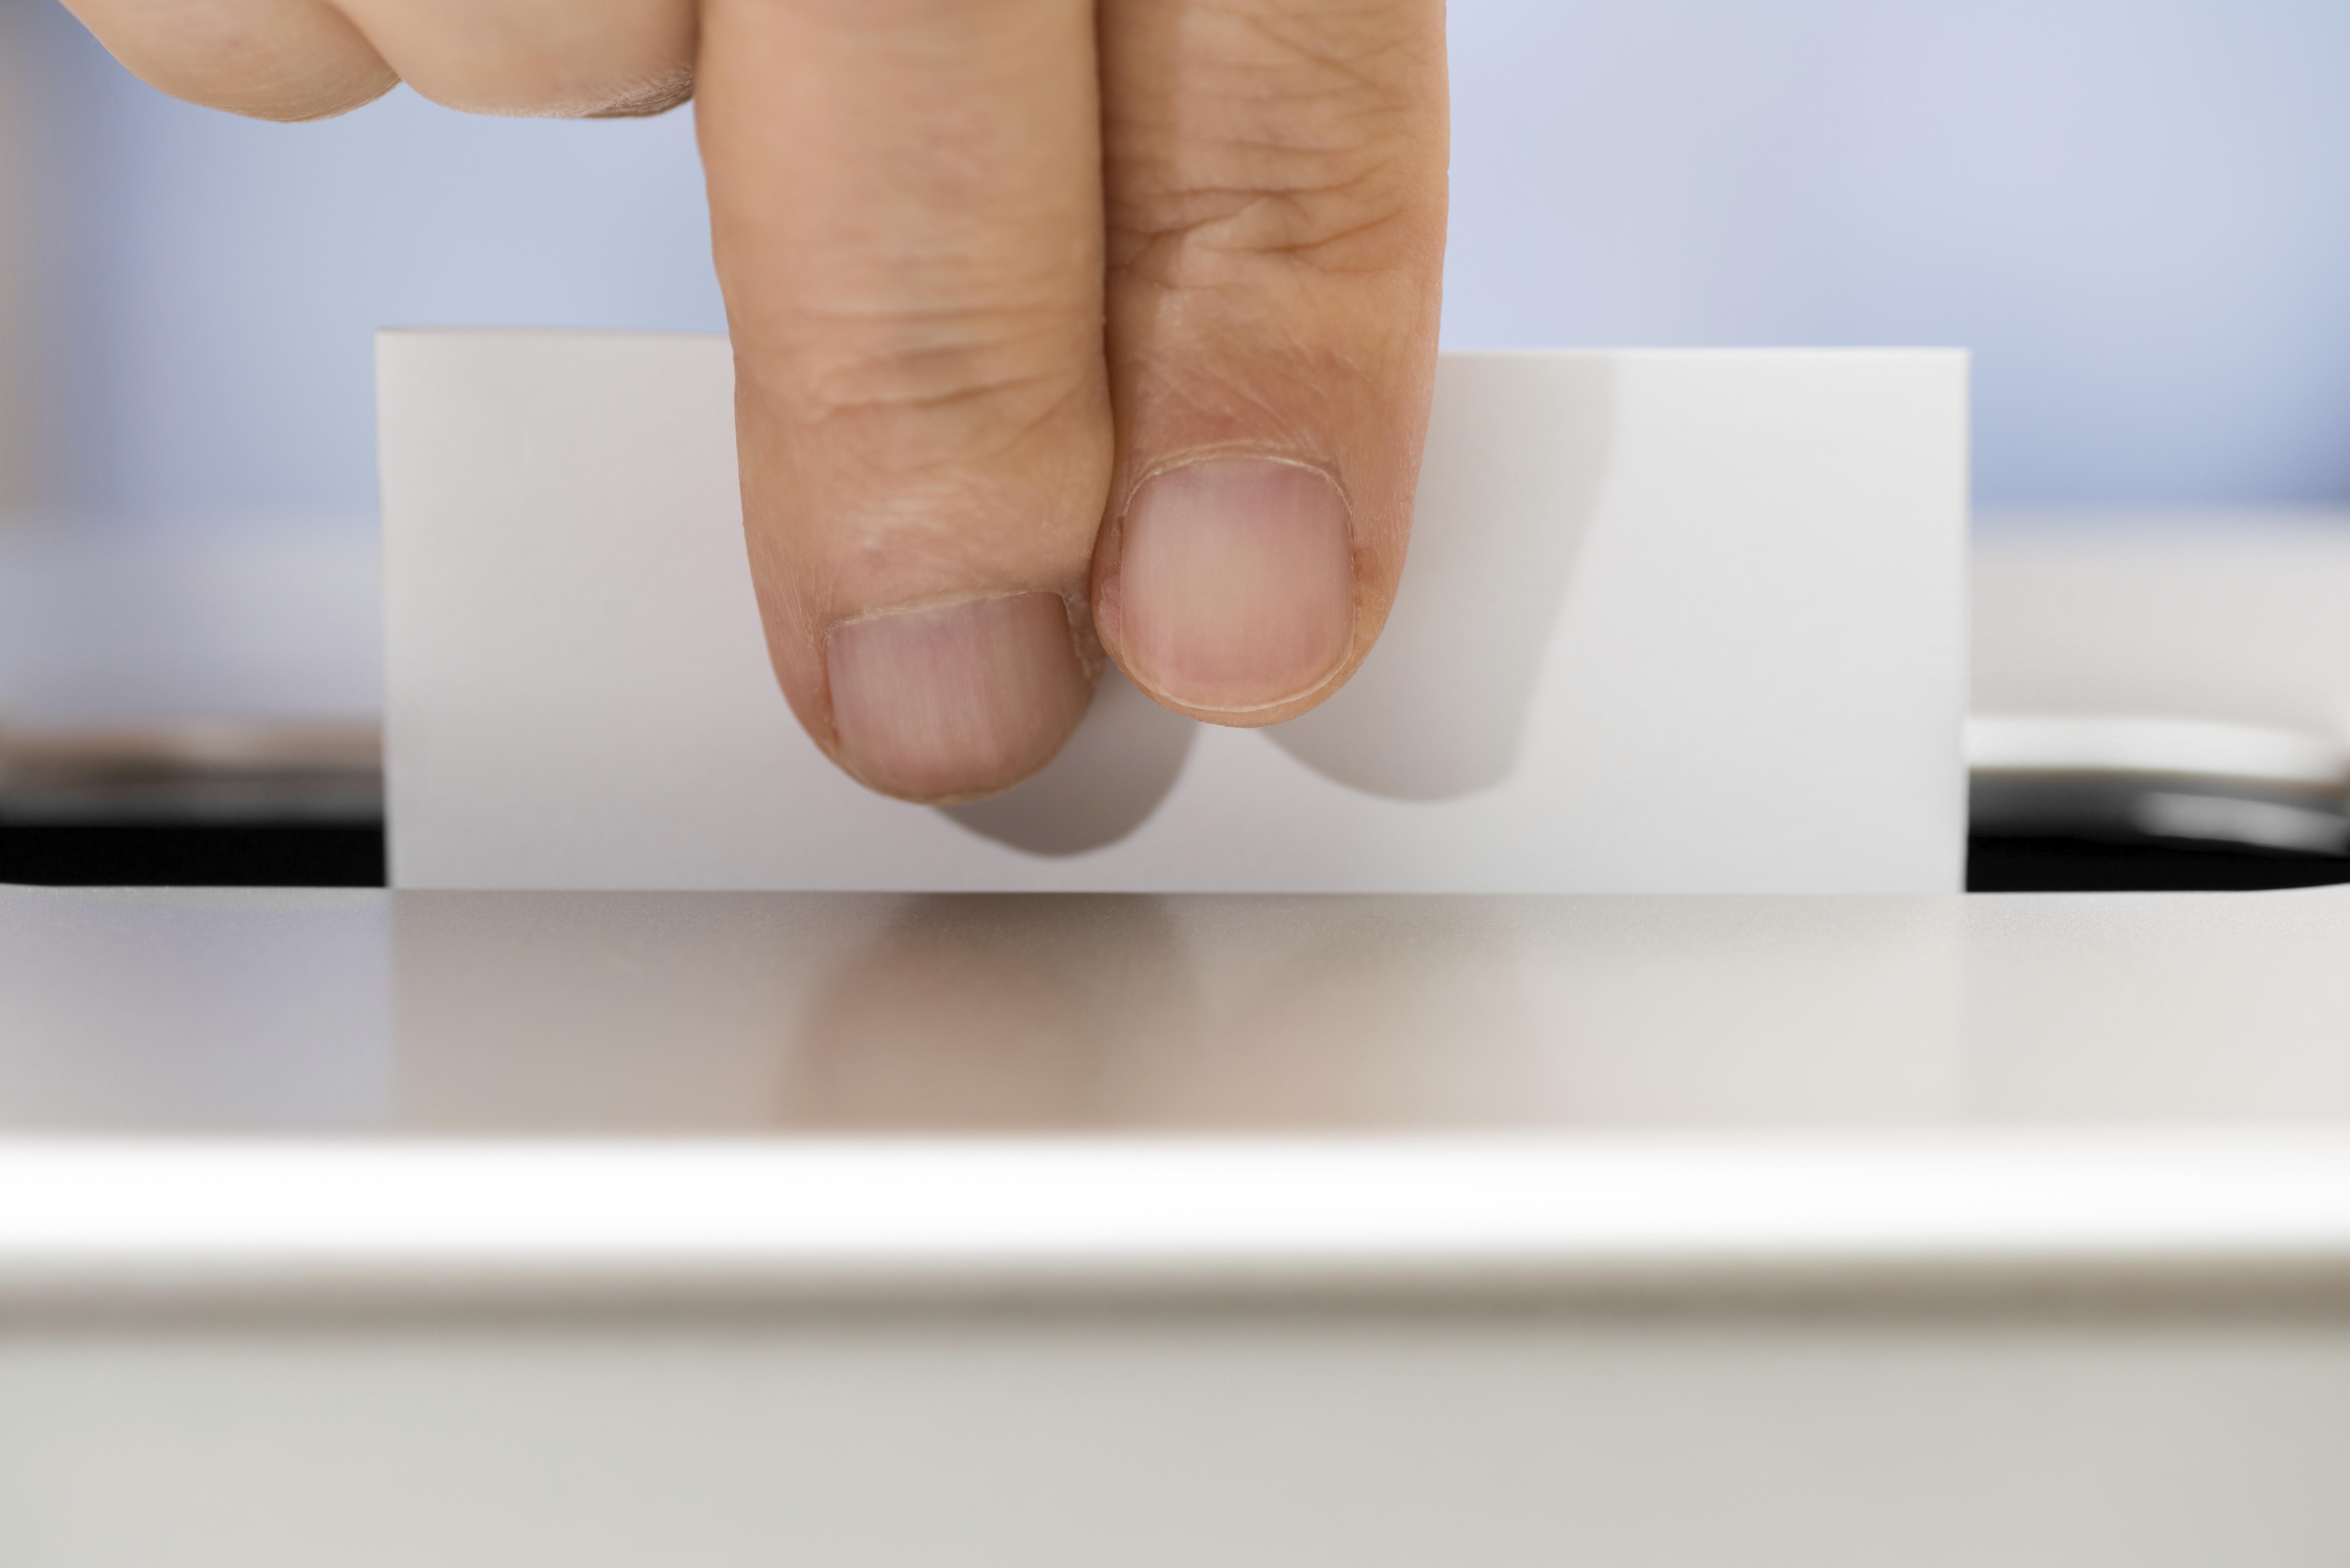 Votazione cantonale: tre sì per il bene del nostro Cantone!